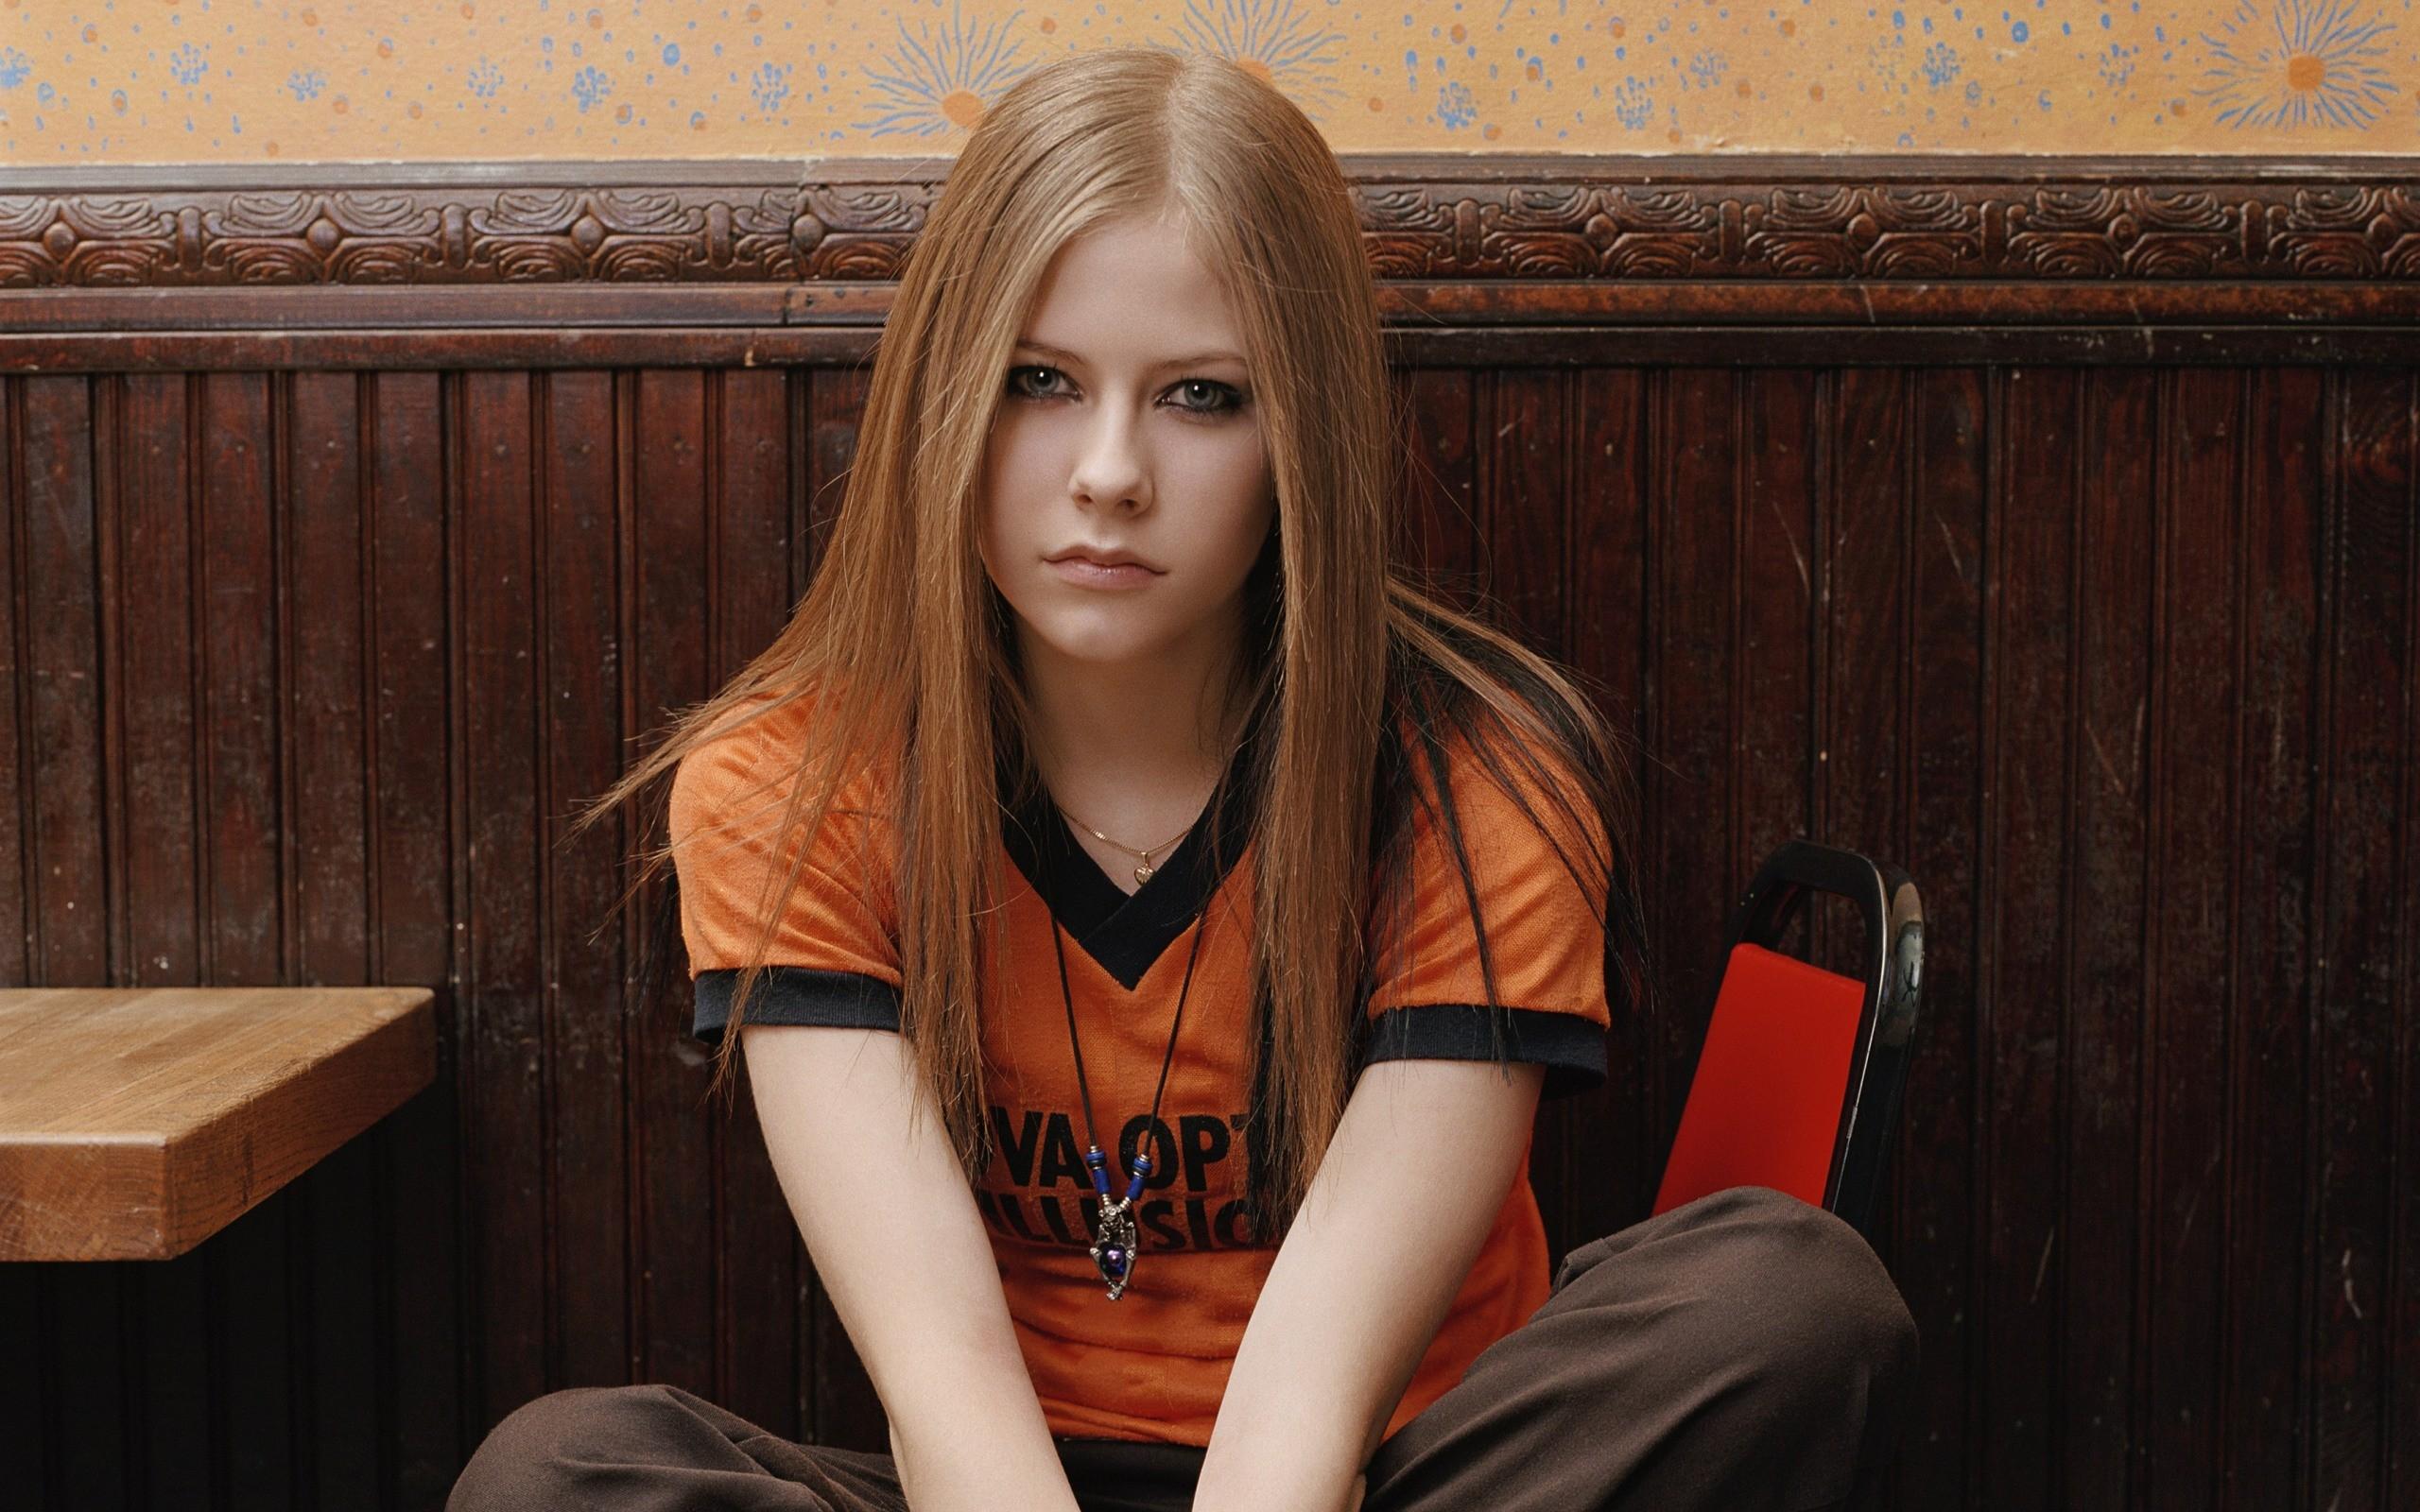 Картинки прикольные подростки девушки, картинки футбола картинки